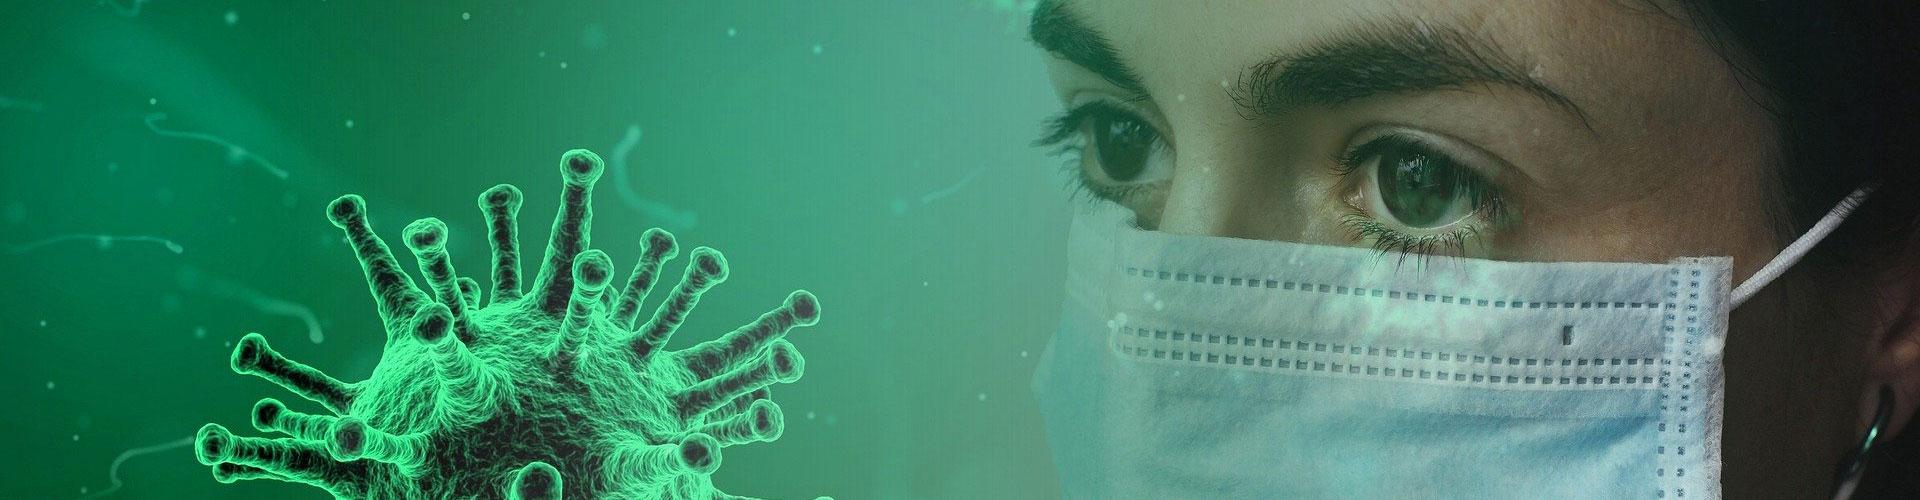 Servicios de Desinfección Covid-19